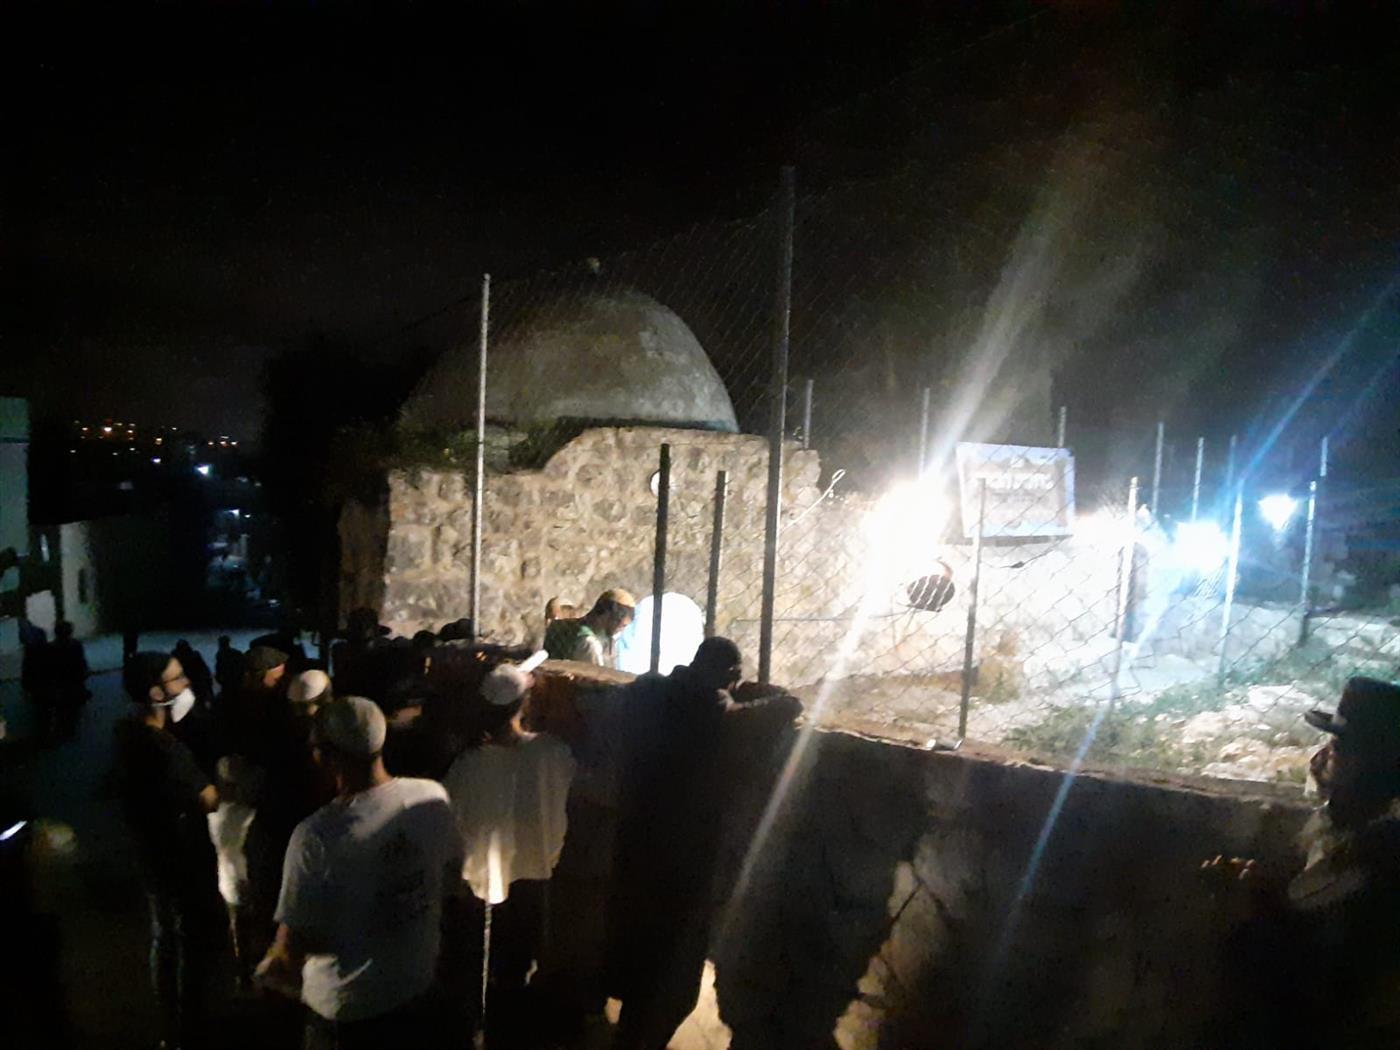 יהודים מתפללים בקברו של יהושע בנון בכיפל-חארס בשומרון. ארכיון (איתן שויבר, tps)